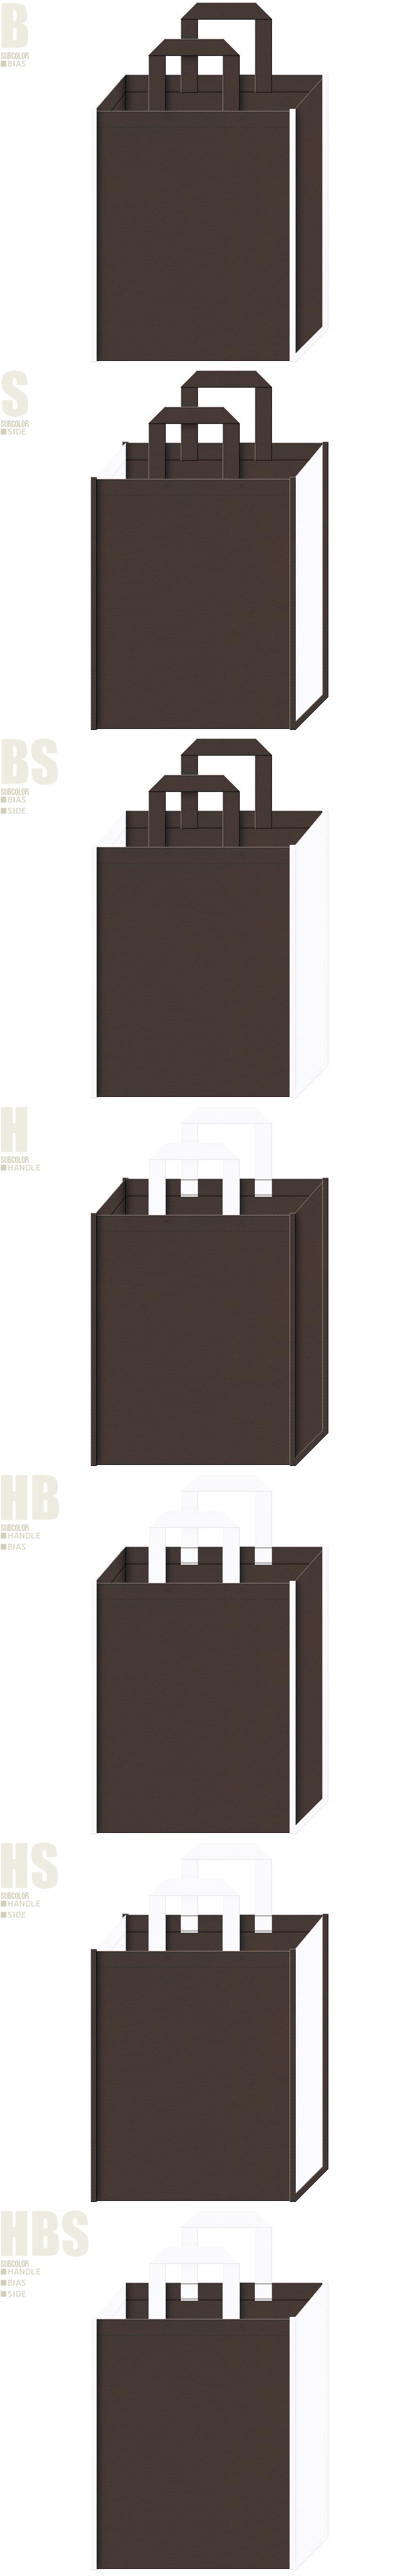 武家屋敷風の配色で、お城イベント・ゲームのバッグノベルティにお奨めです。こげ茶色と白色、7パターンの不織布トートバッグ配色デザイン例。